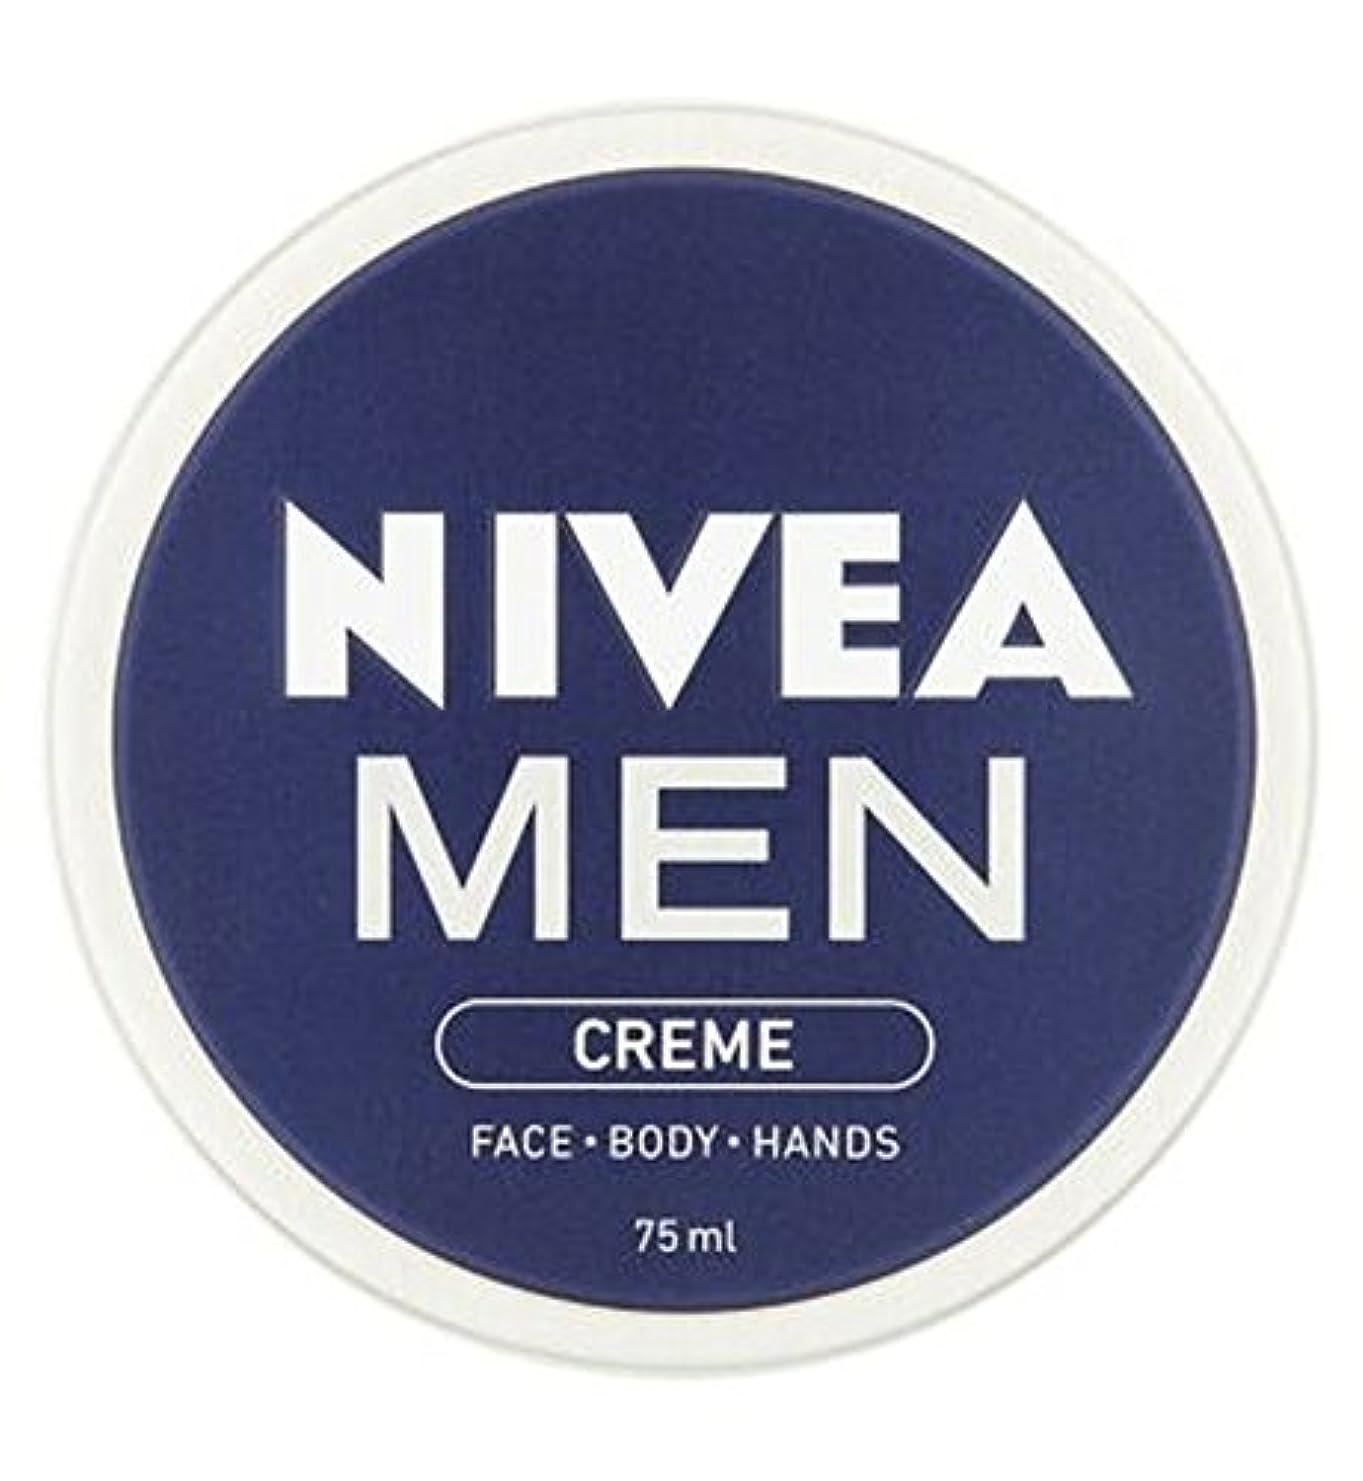 スリップシューズオープニング建設ニベアの男性は75ミリリットルをクリーム (Nivea) (x2) - NIVEA MEN Creme 75ml (Pack of 2) [並行輸入品]